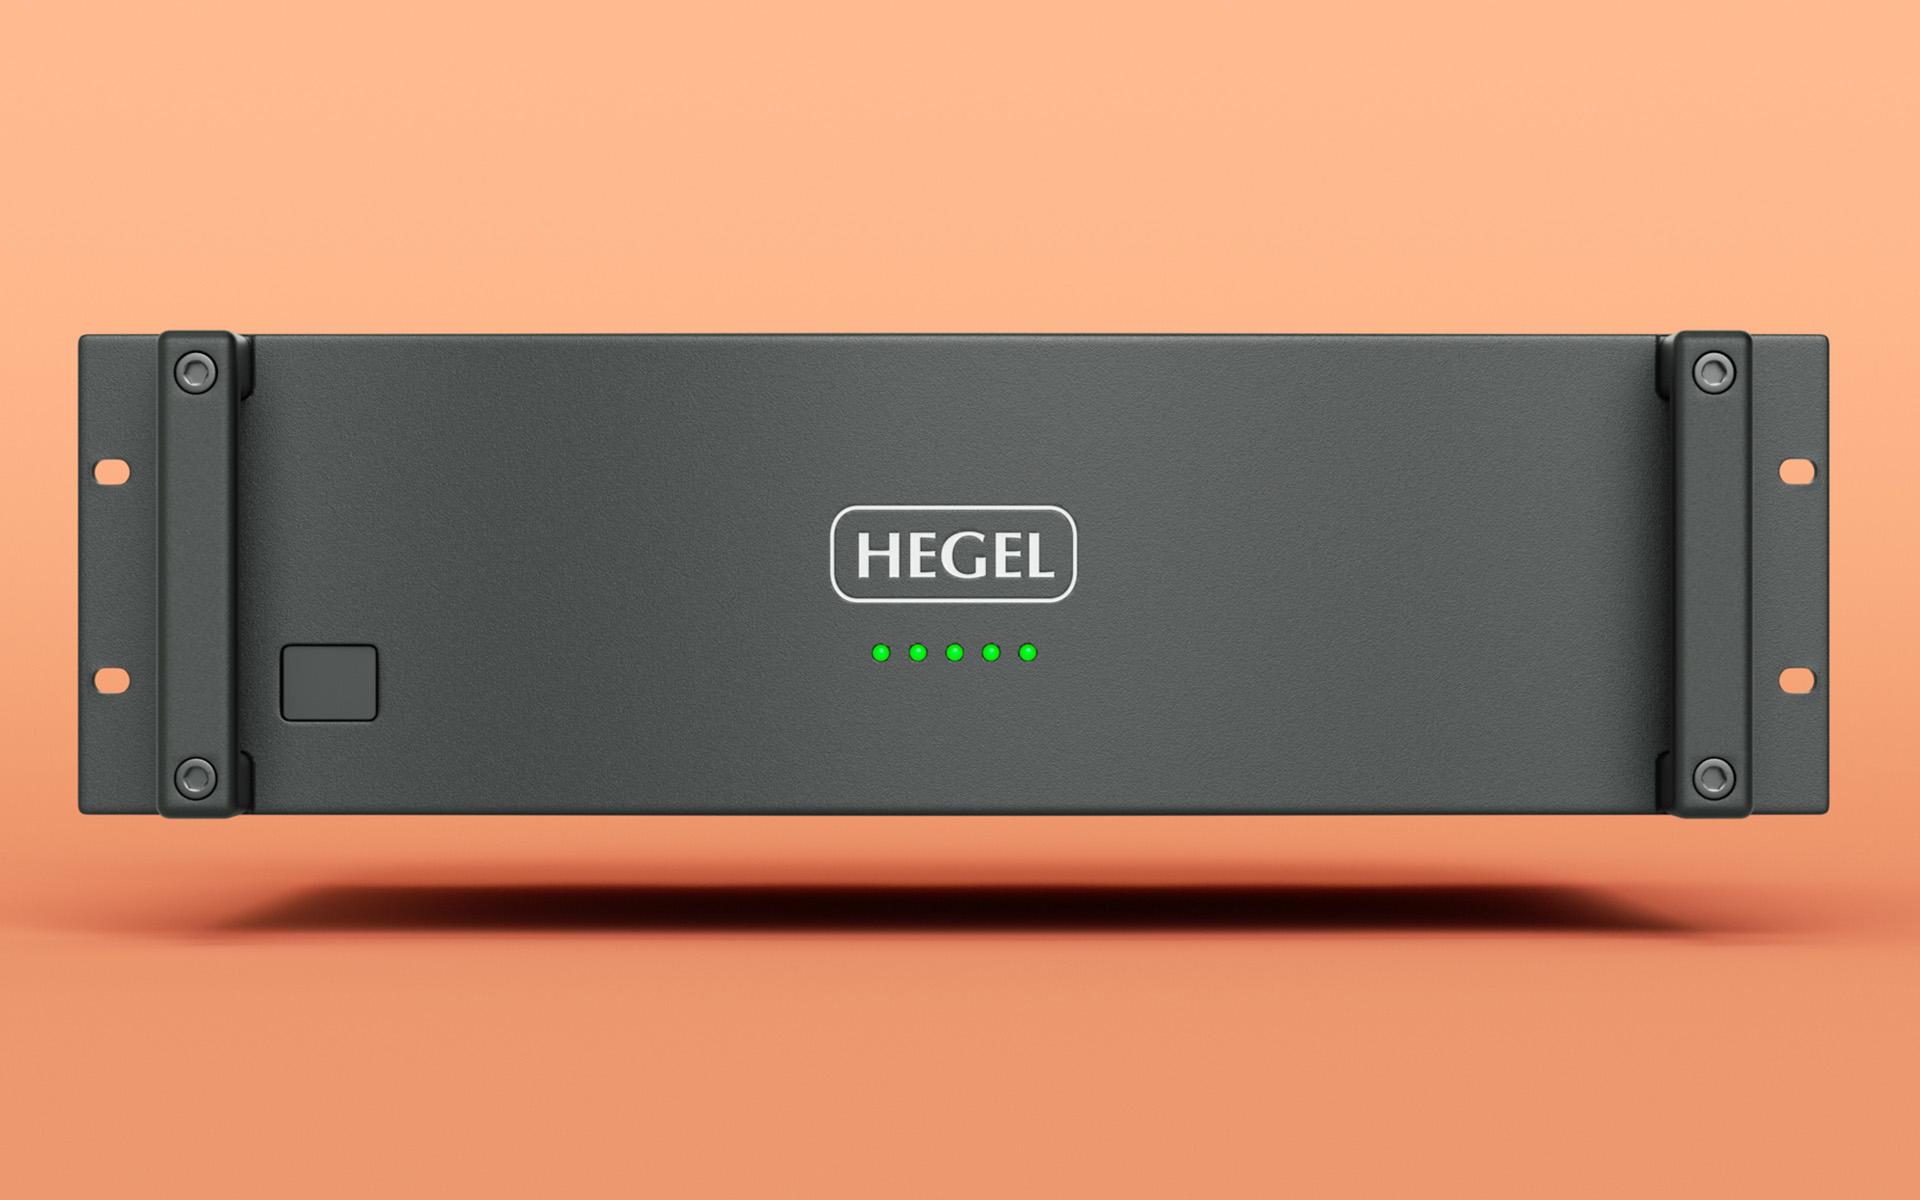 Светодиоды на передней панели служат индикаторами работы каждого из каналов